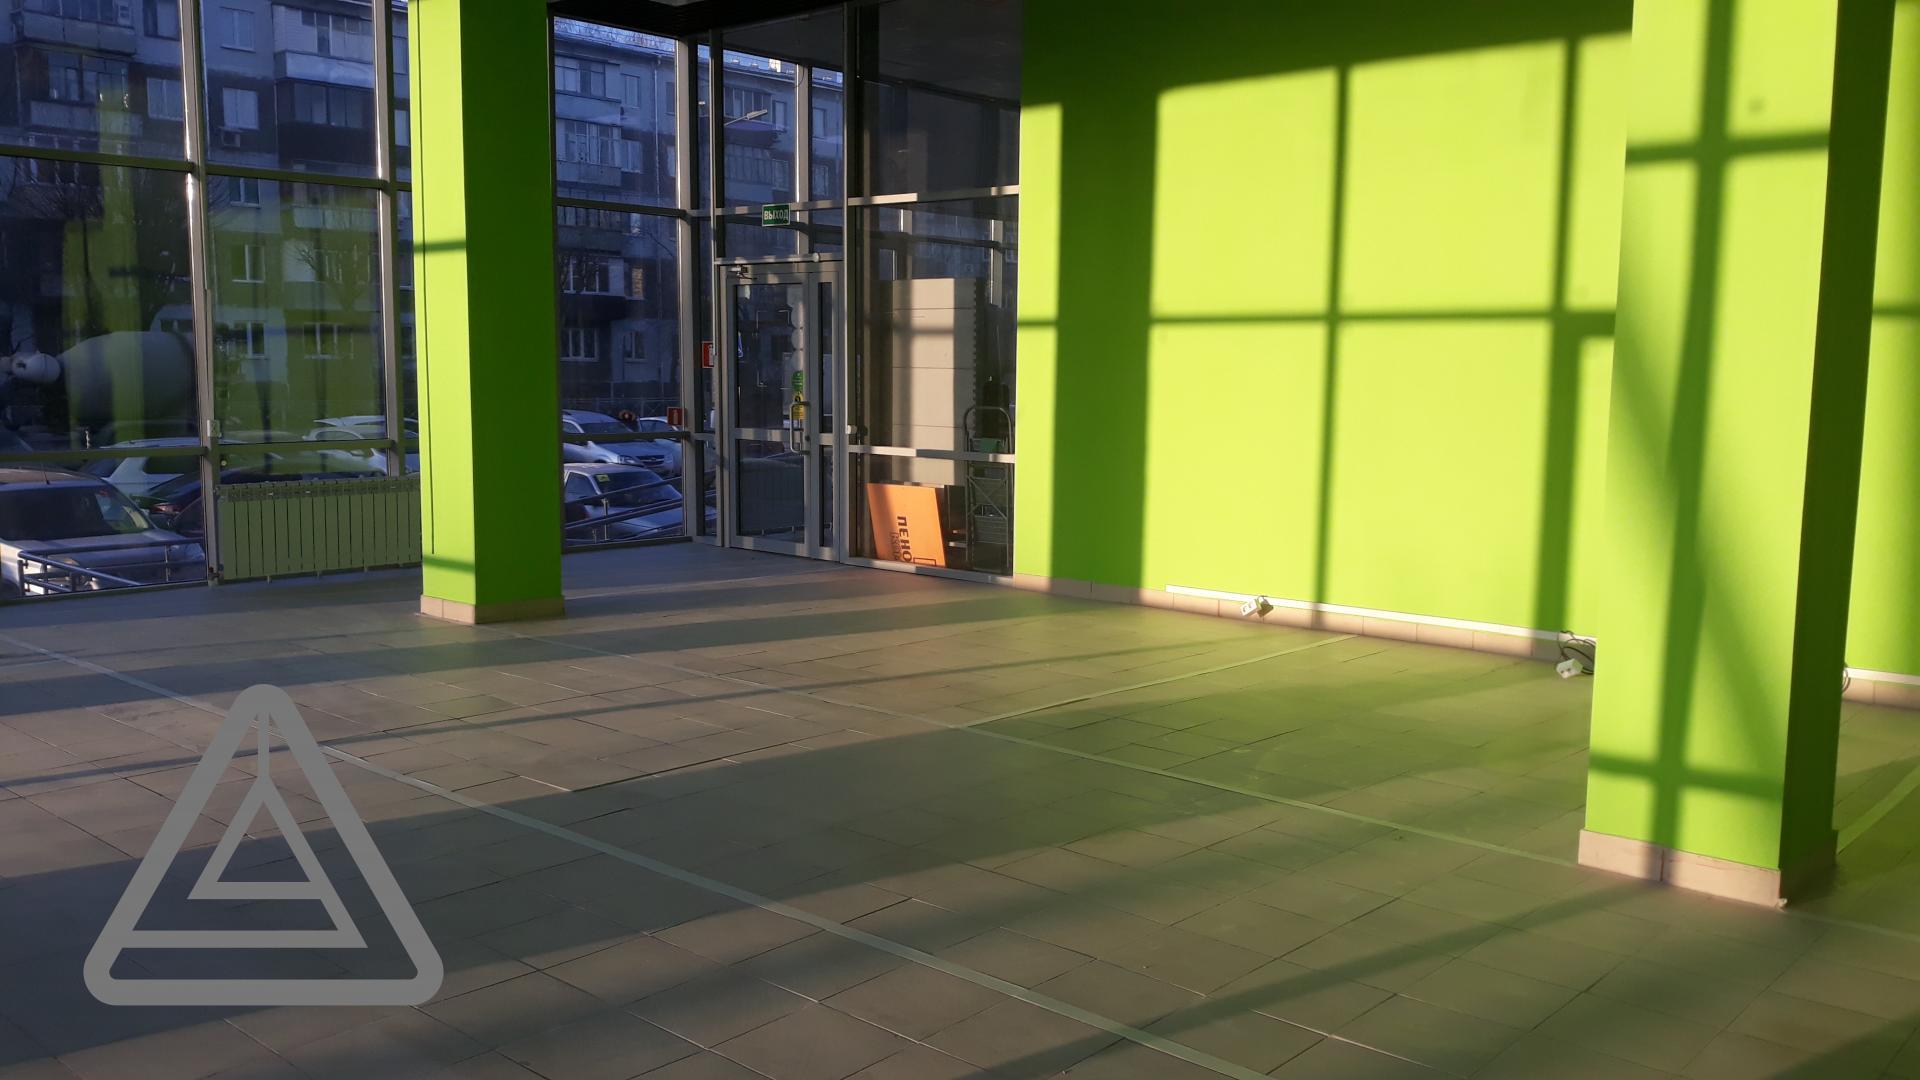 Retail в аренду по адресу Россия, Республика Татарстан, городской округ Казань, Казань, улица Галимджана Баруди, 8